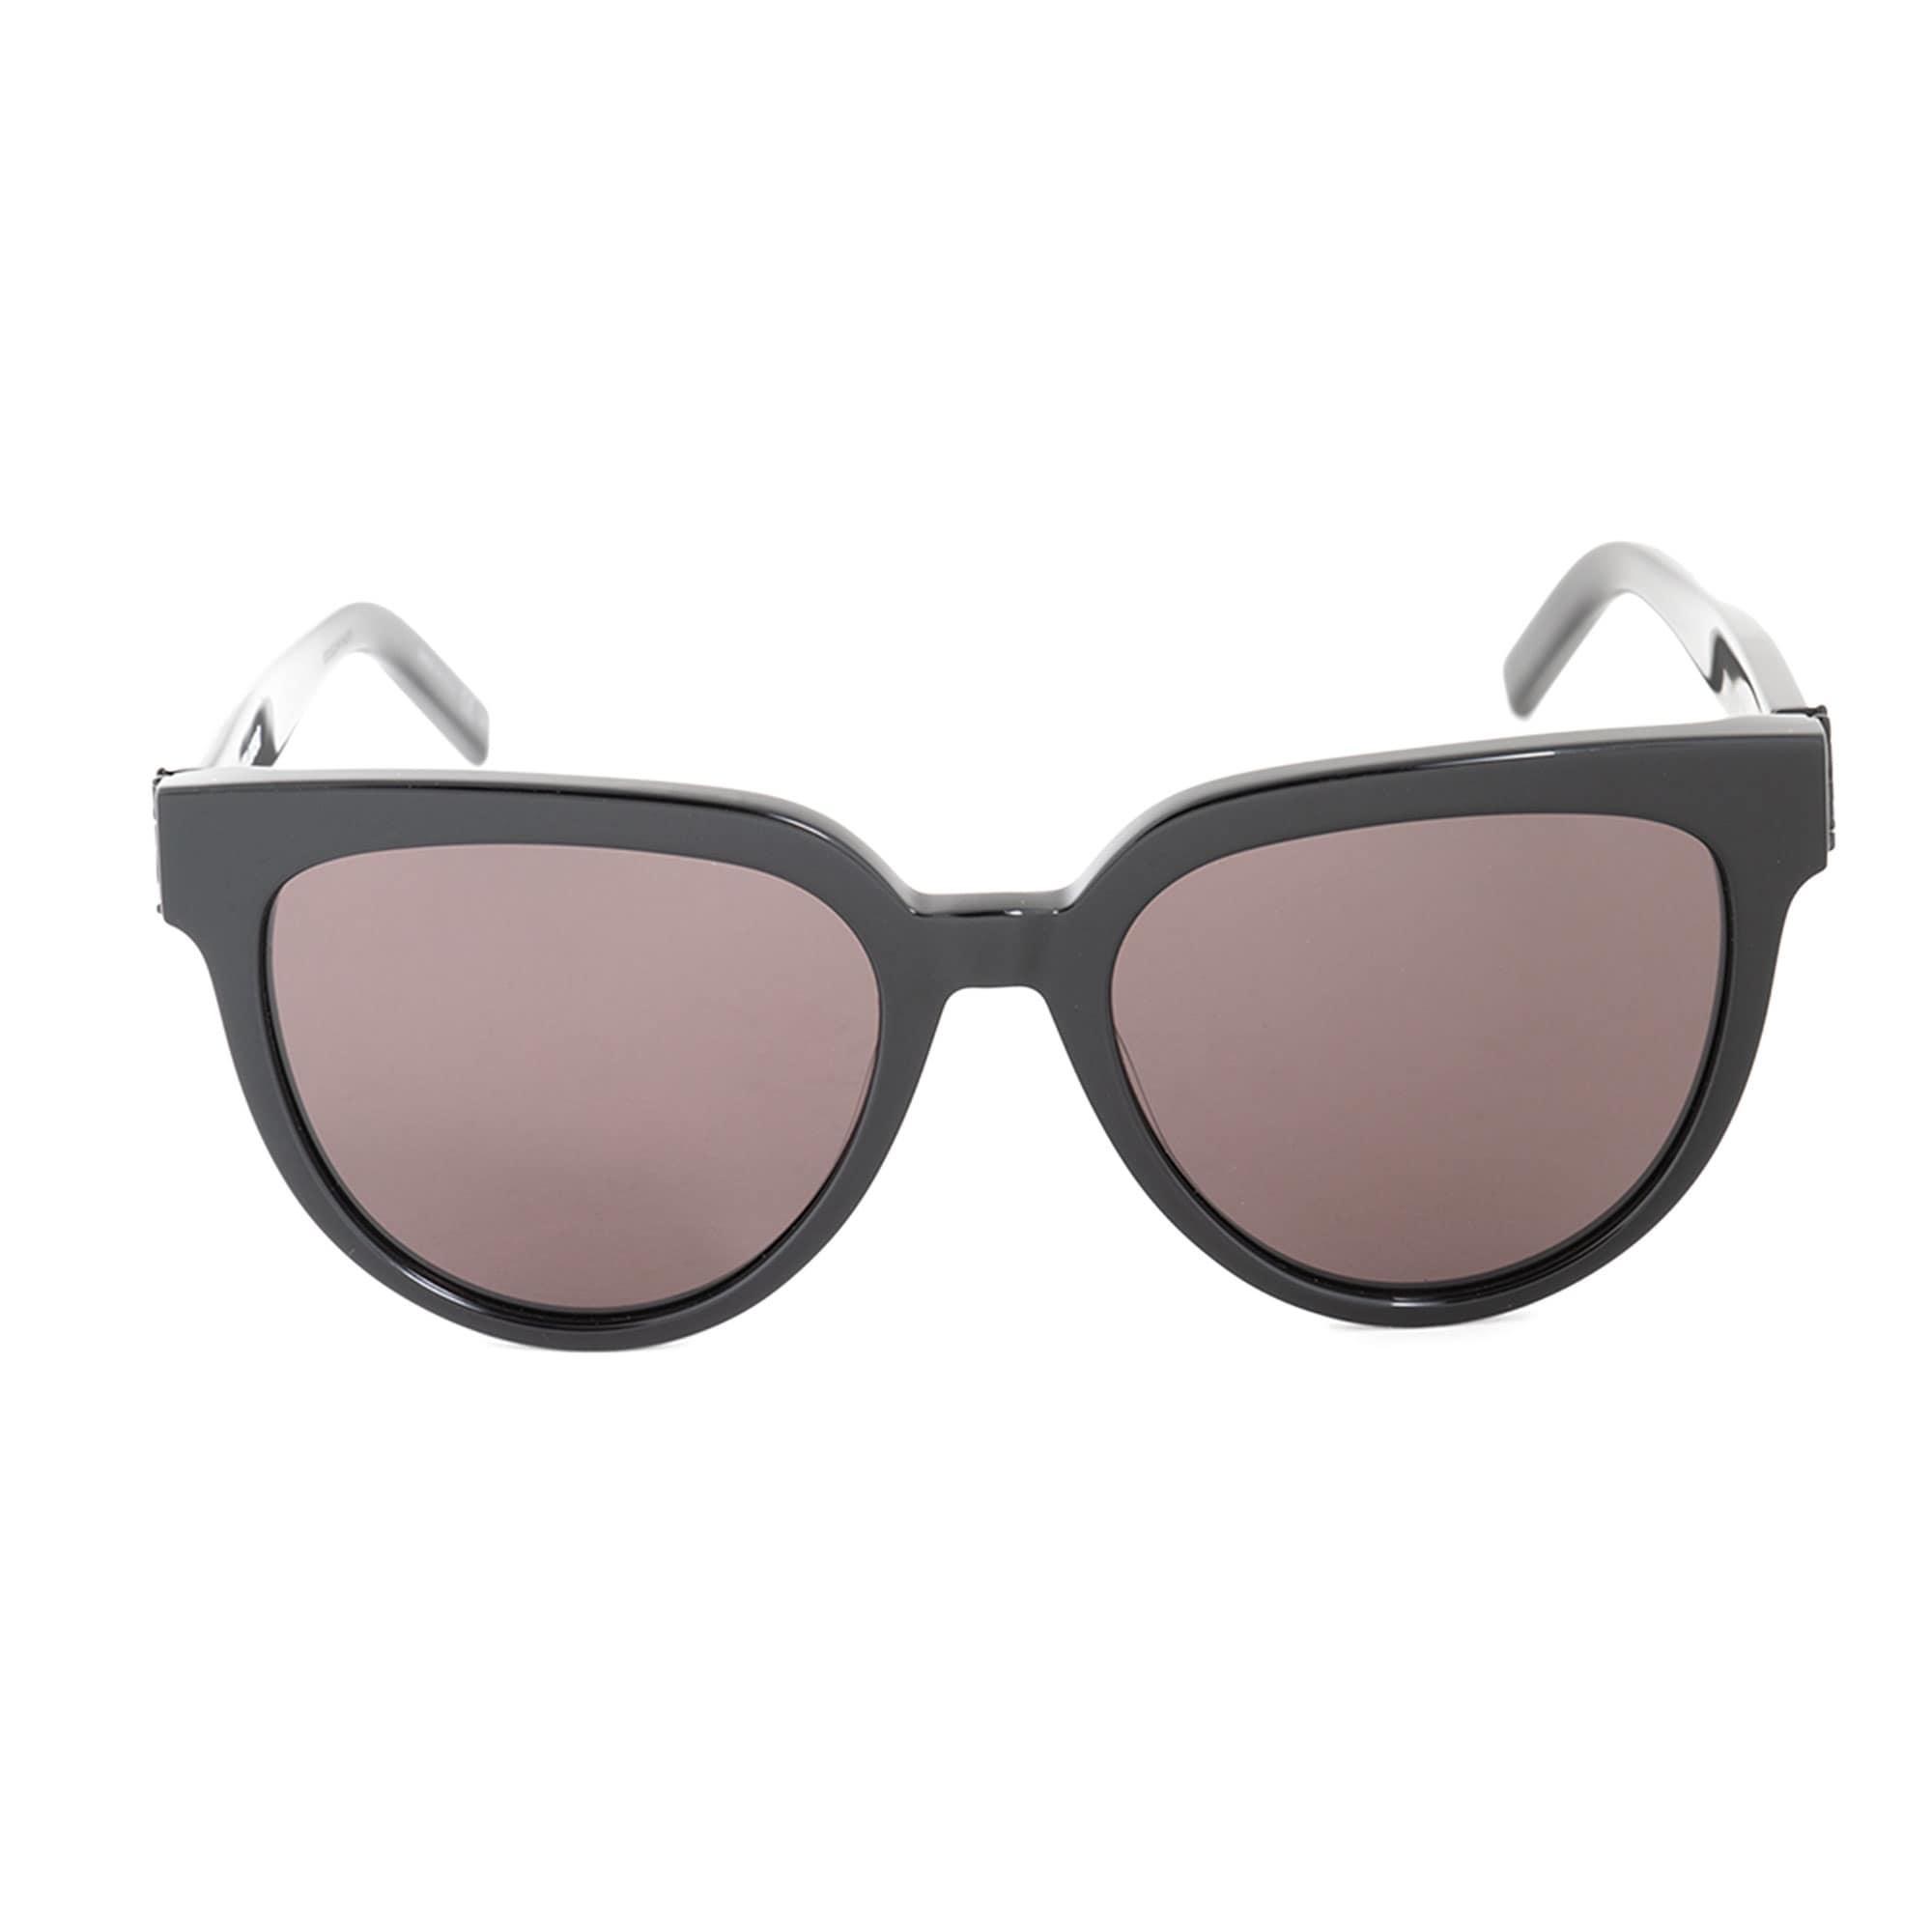 39d20edbe86 Saint Laurent Sunglasses | Shop our Best Clothing & Shoes Deals Online at  Overstock